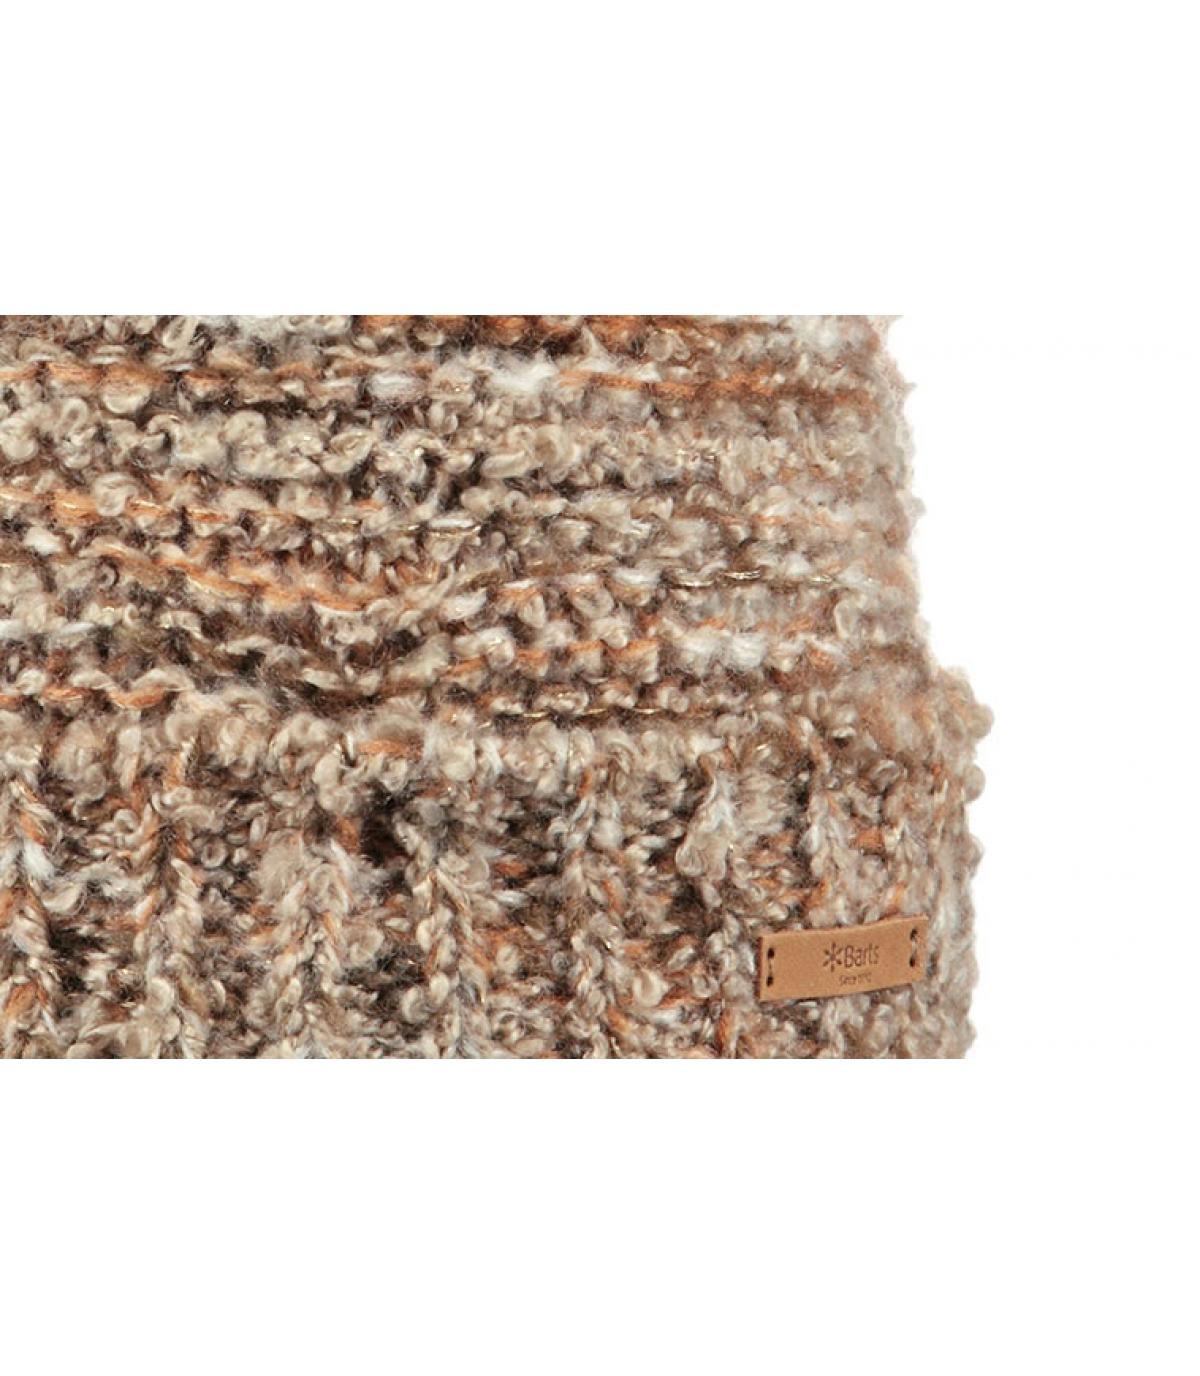 Dettagli Siret Beanie brown - image 3